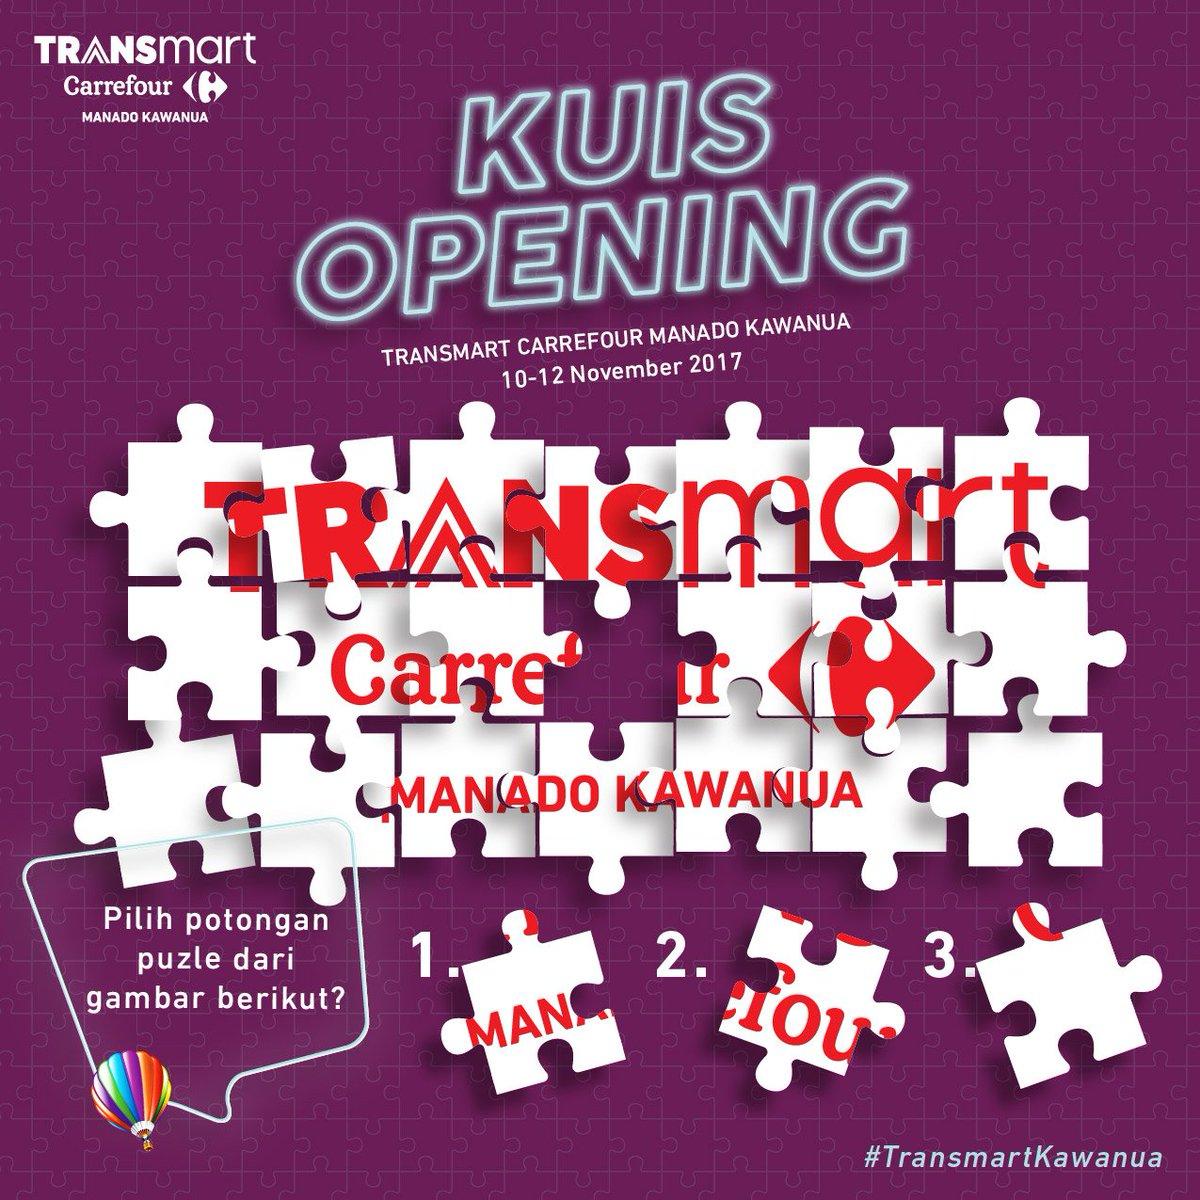 Transmart Carrefour On Twitter Hai Manado Ada Total Voucher 1 Juta 1juta Untuk 20 Sahabat Jawab Kuis Berikut Sertakan Jawabanmu Dgn Transmartkawanua